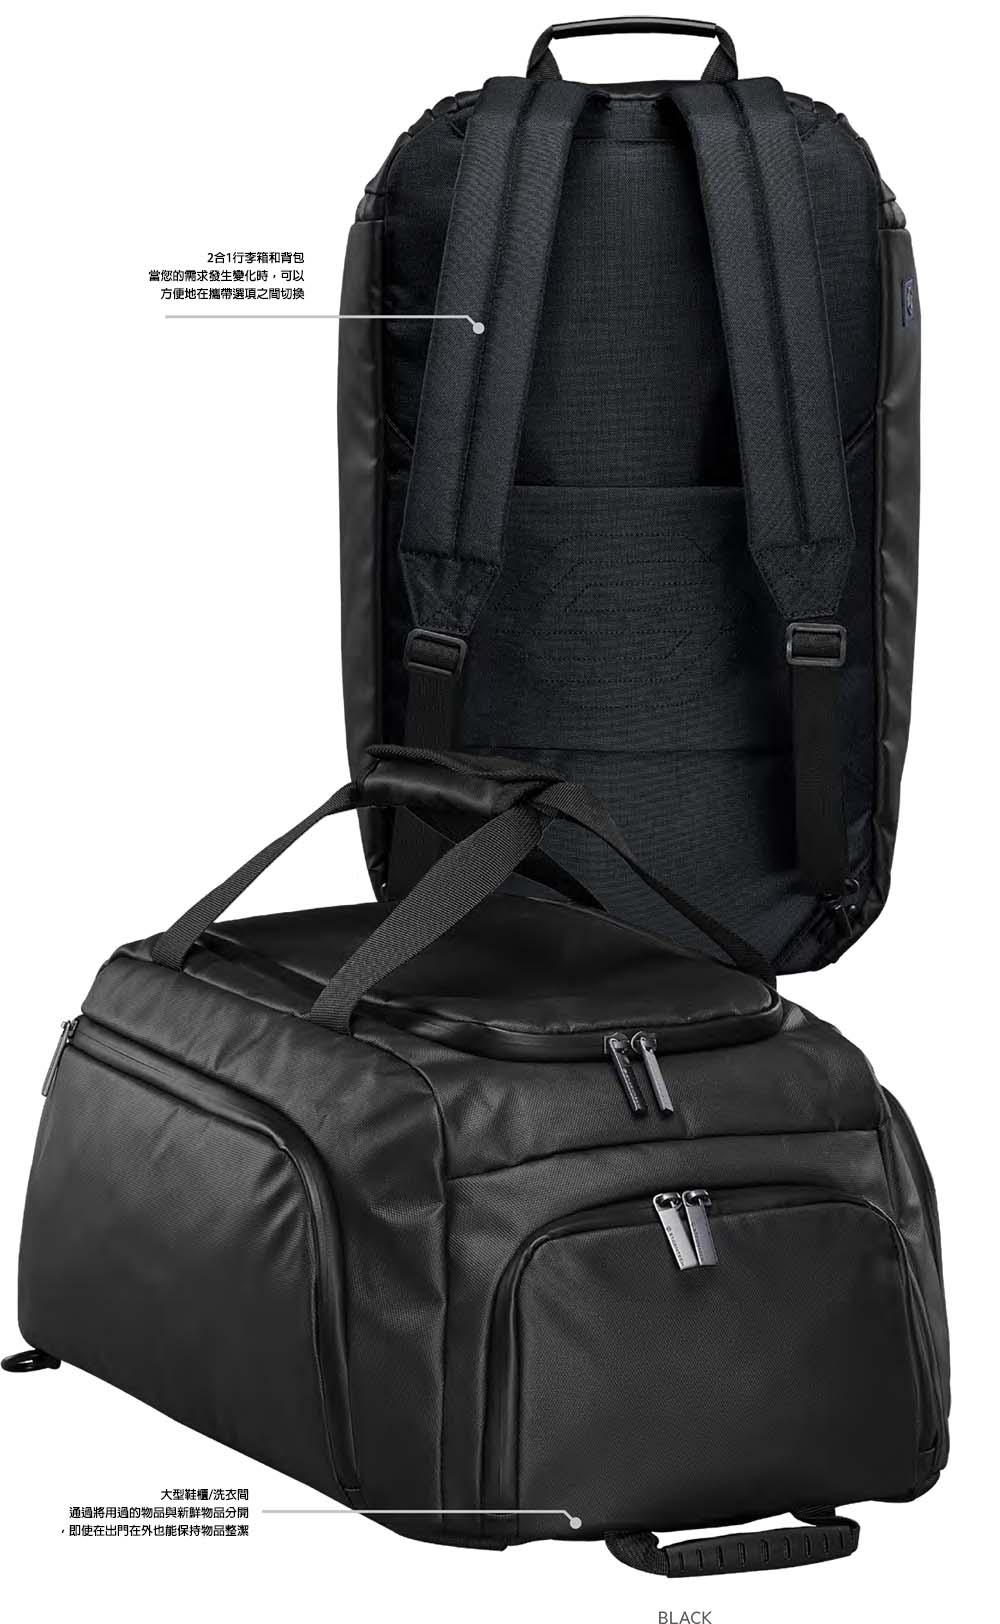 STORMTECH Road Warrior 旅行袋 - DPX-1